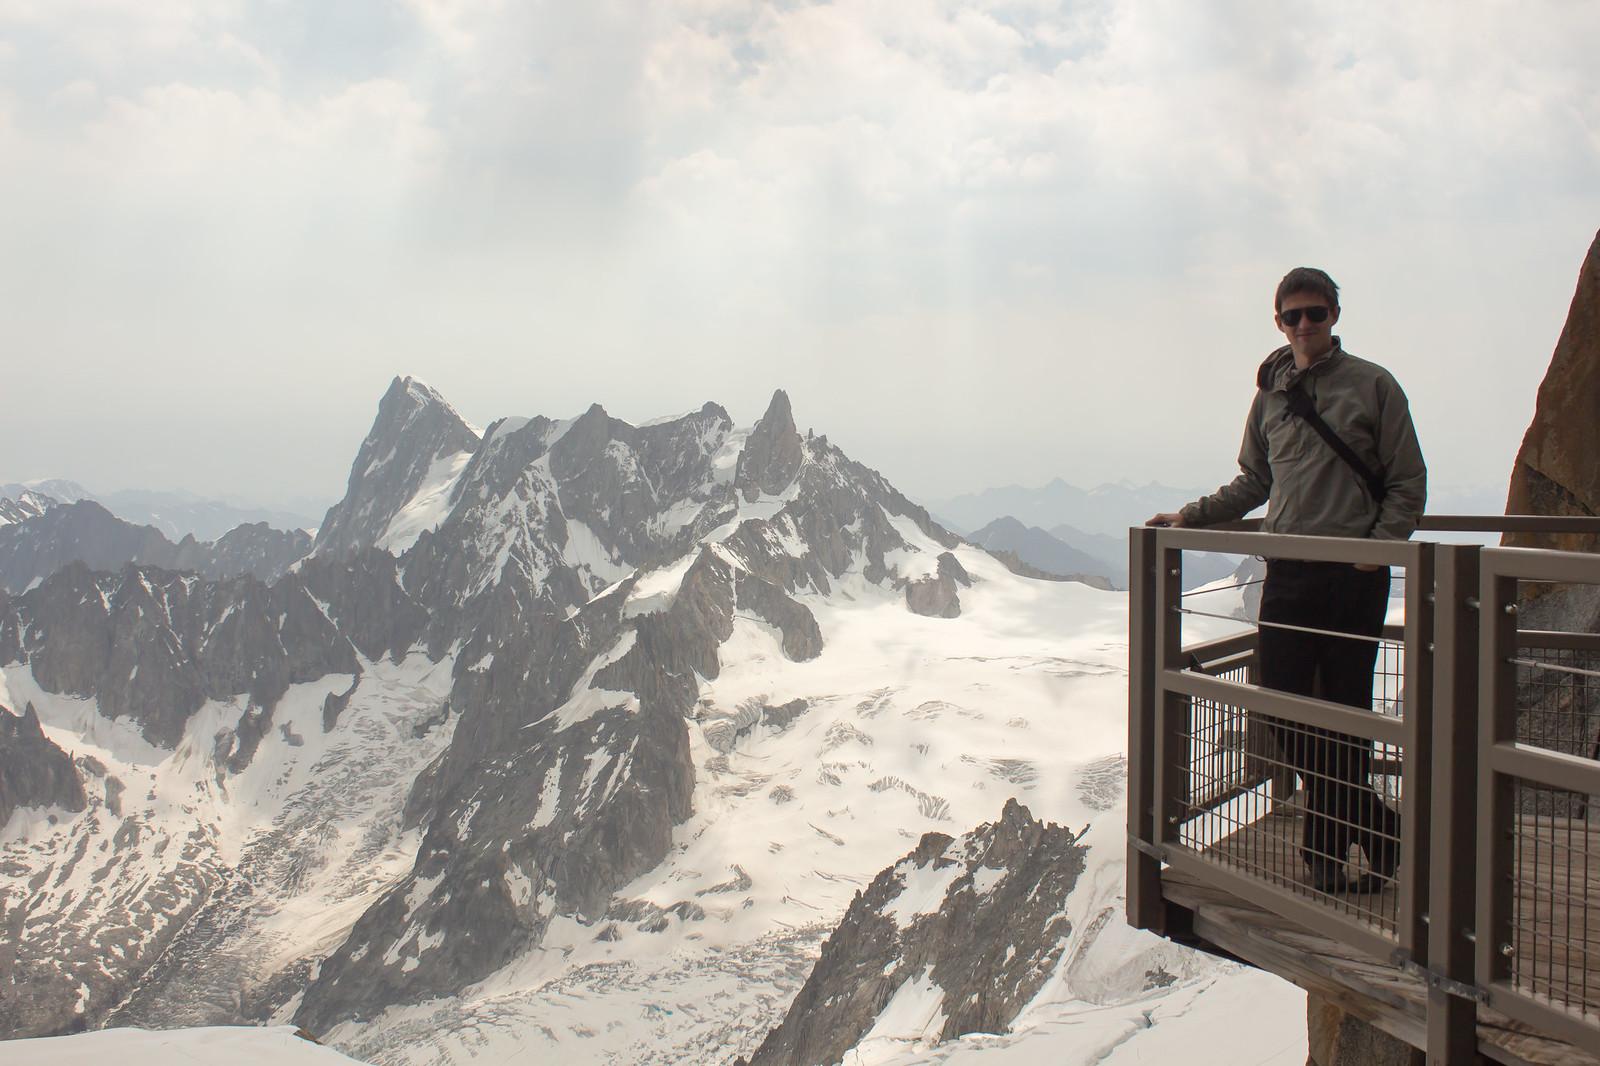 Шамони Мон-Блан - Балкончик для туристов, на который стоит очередь на фотосьемку))